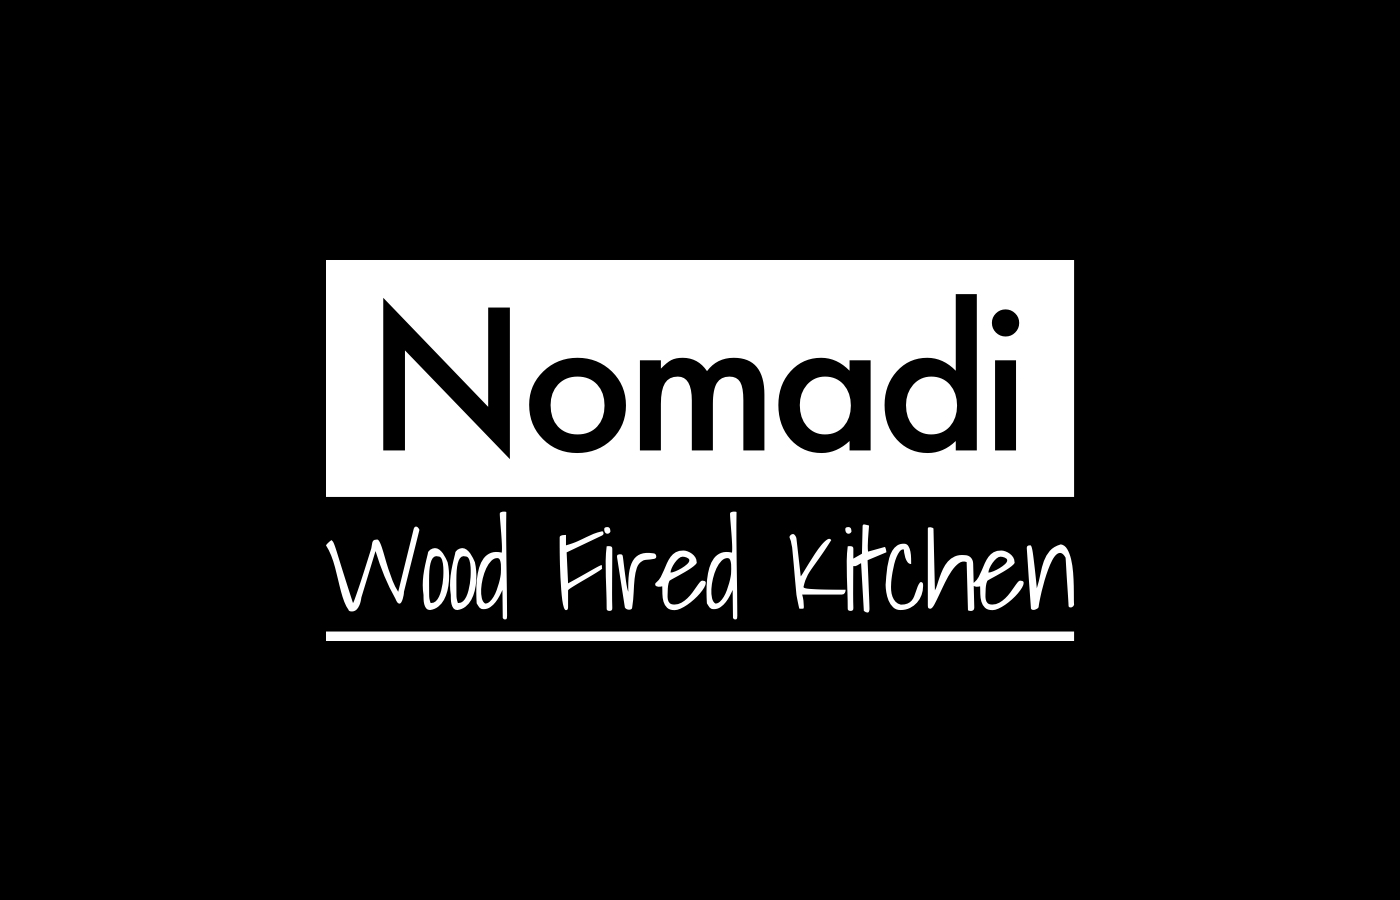 New Brand Identity: Nomadi